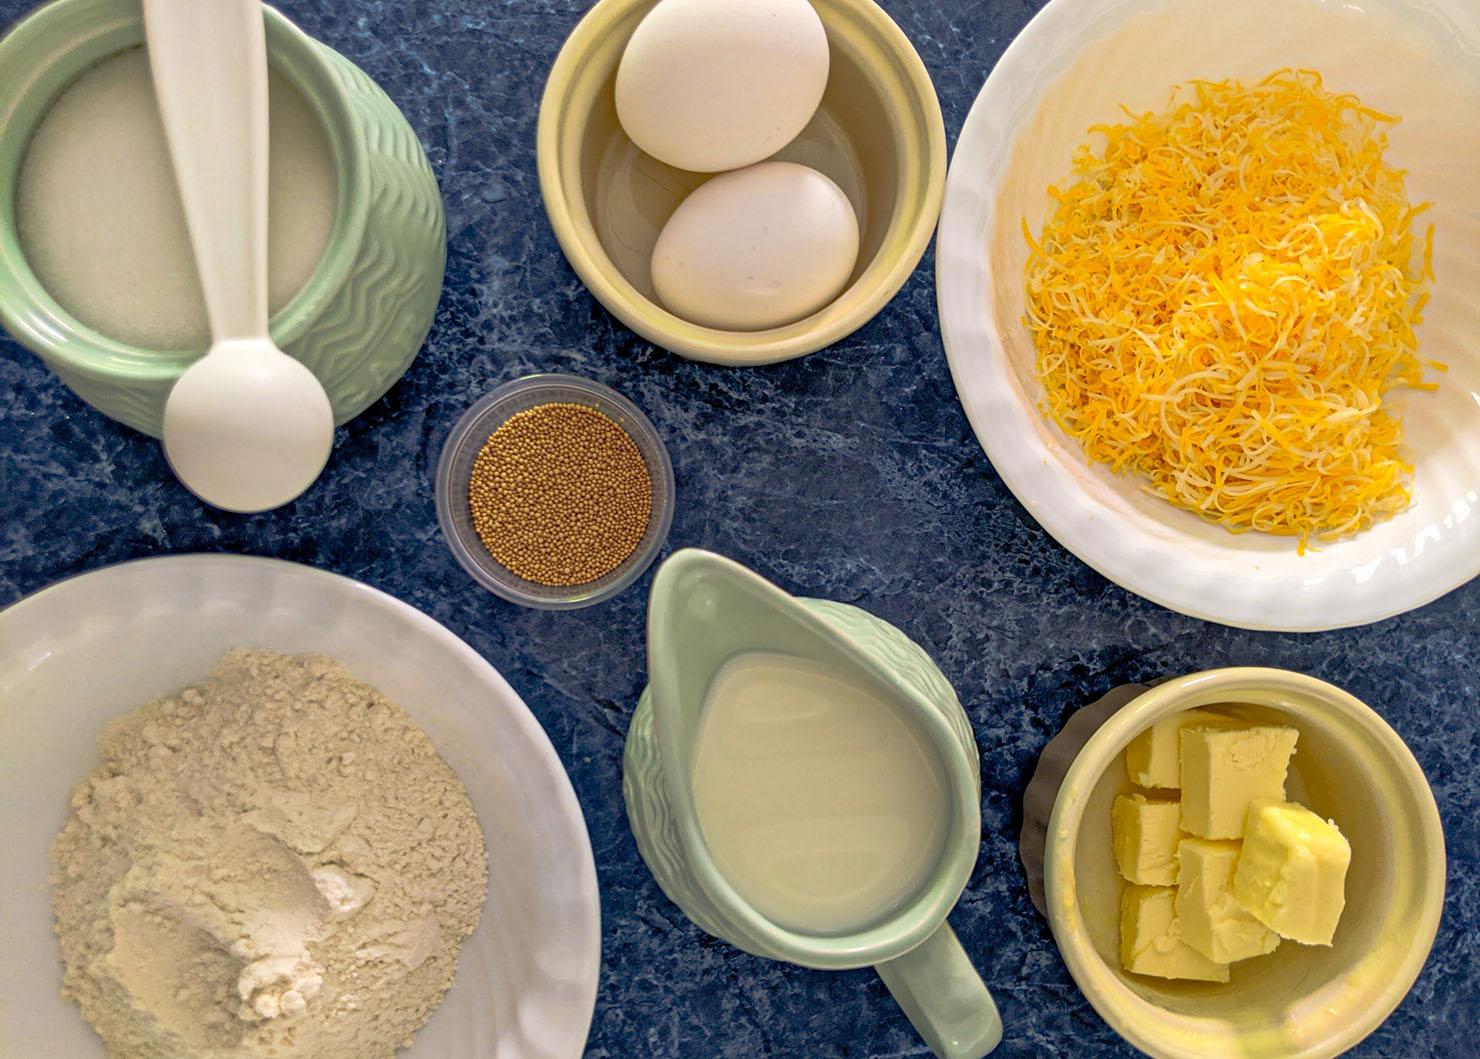 Ensaymada ingredients